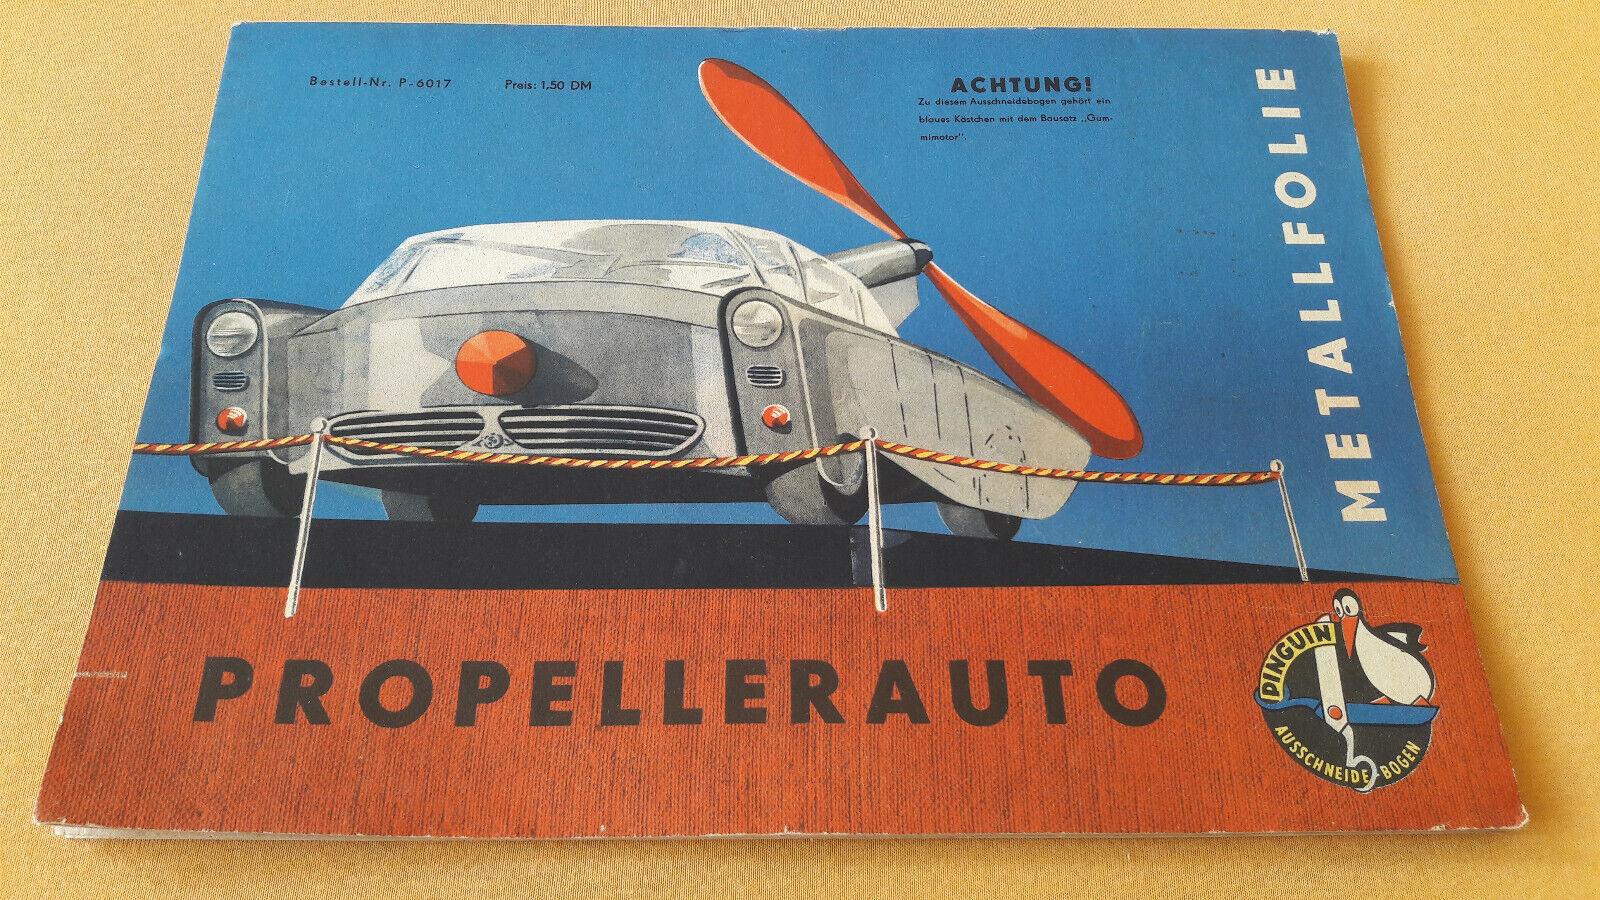 Modellbogen Propellerauto Pinguin Ausschneidebogen Verlag Junge Welt 1960